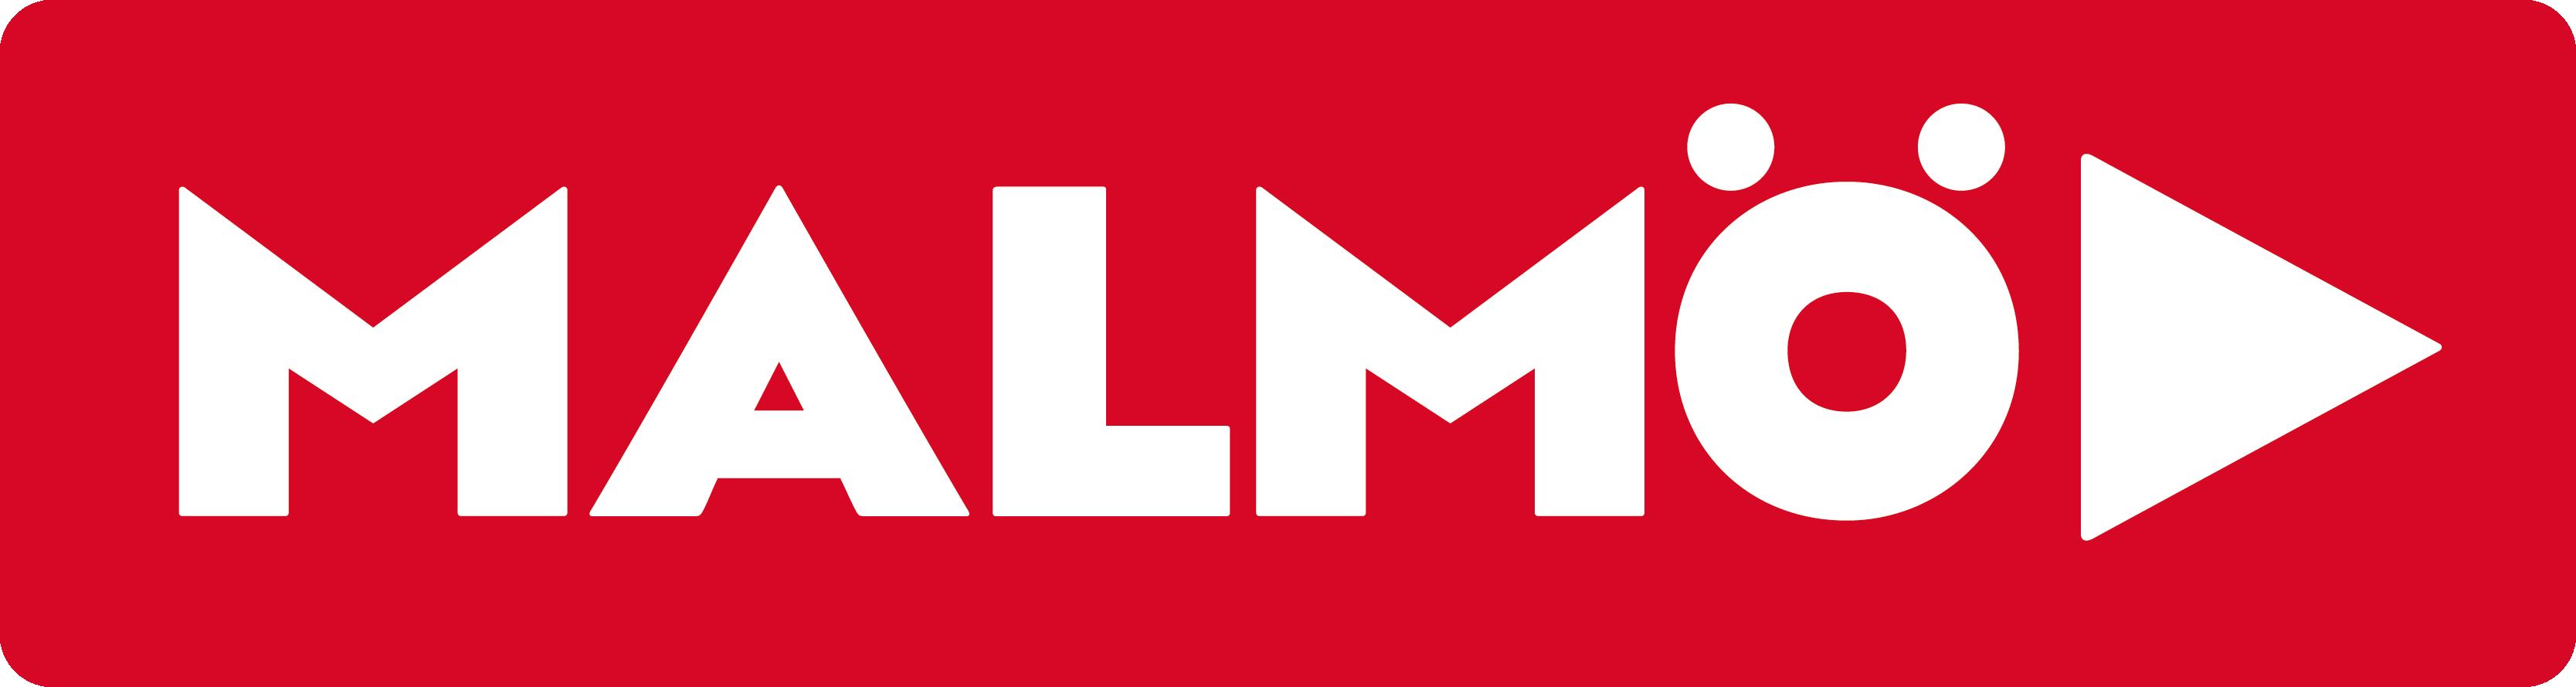 Malmo_Destination_Logo_BIG RED